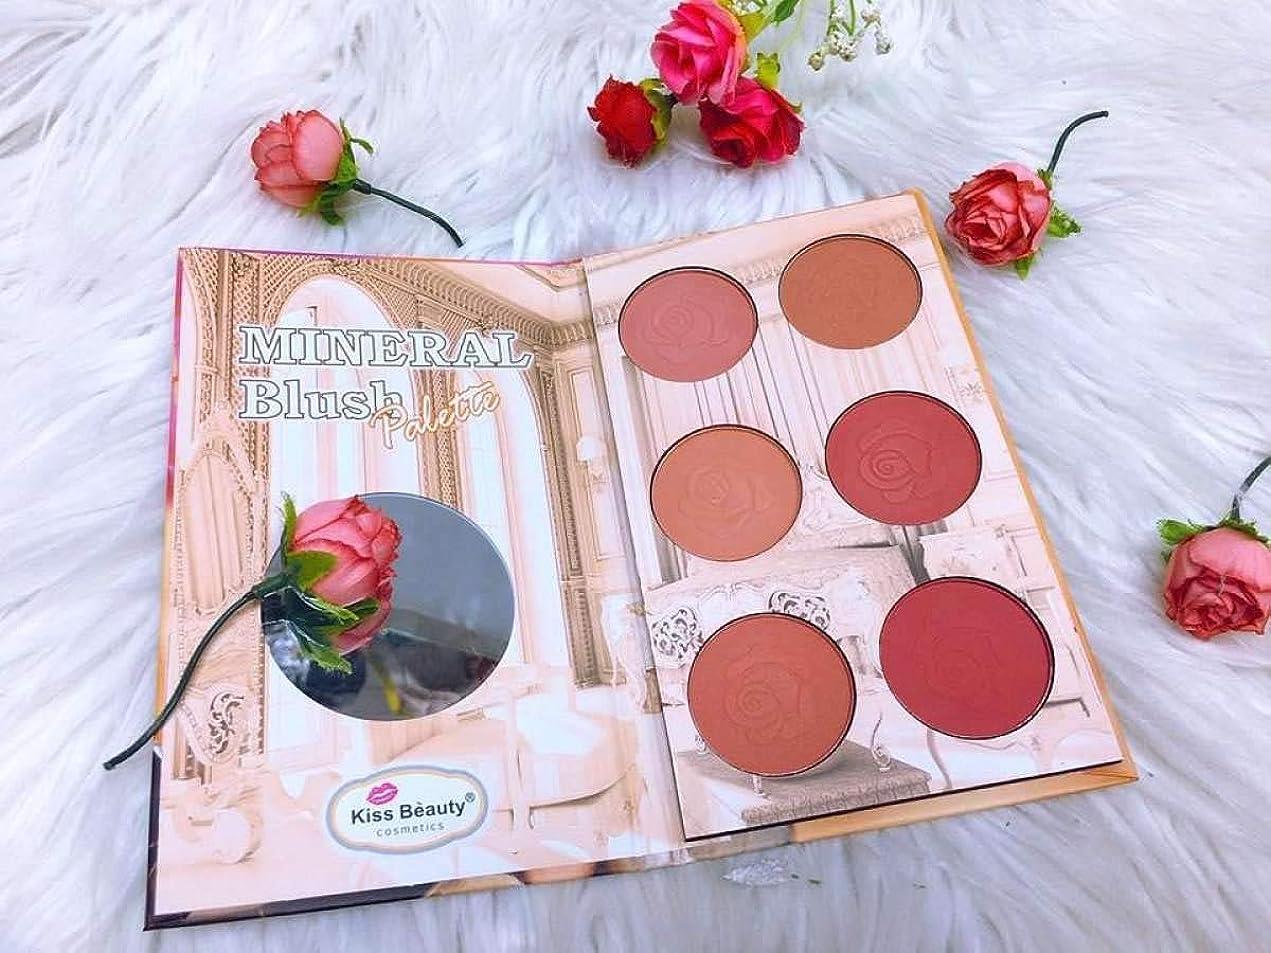 移行する迫害商標Kiss beauty mineral Professional Makeup Sweet Cheeks Blush Palette.